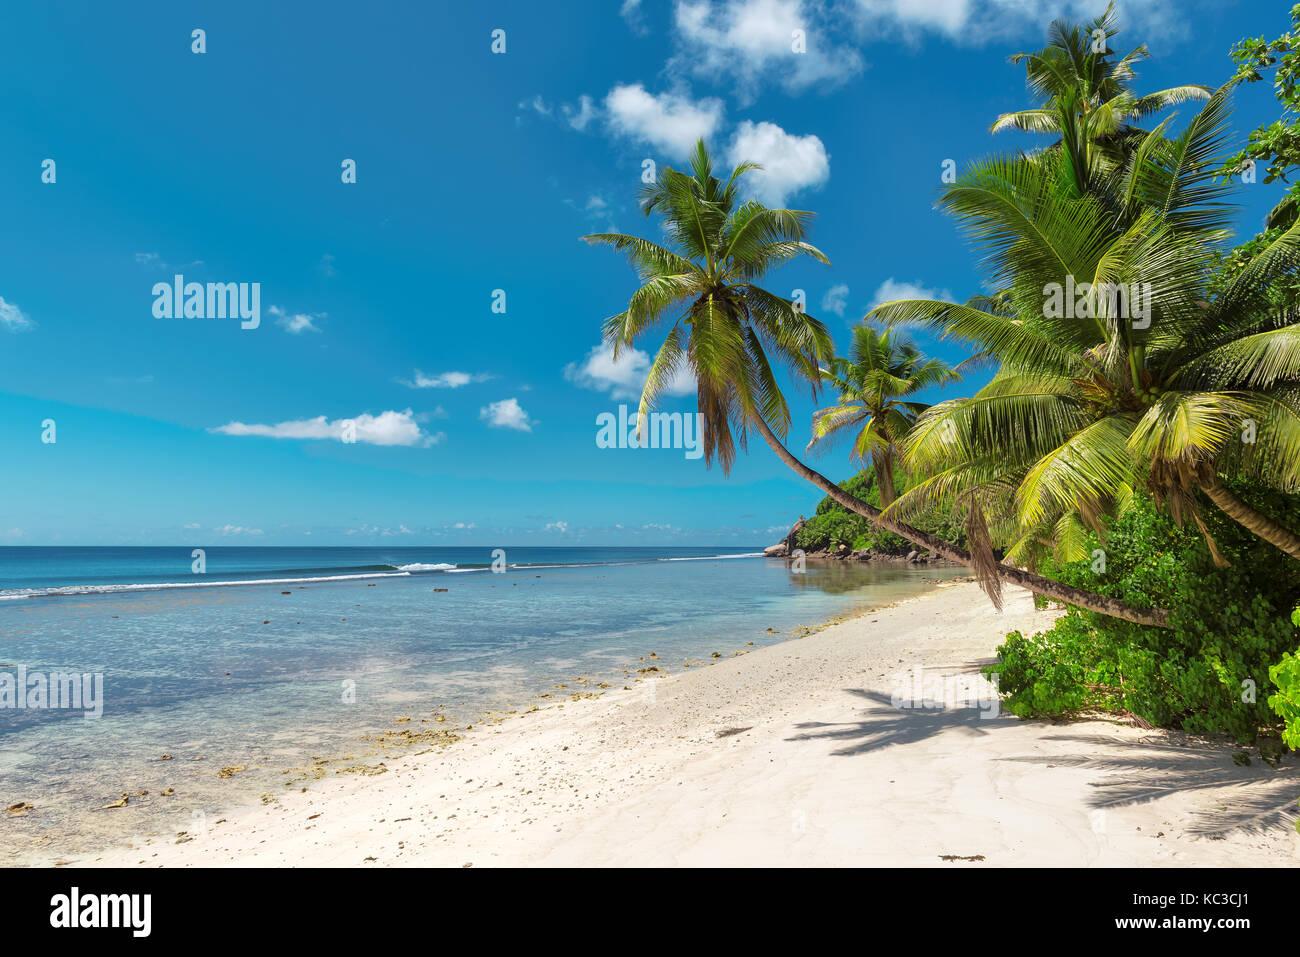 Palmeras de coco en la playa de arena blanca en las Seychelles. Foto de stock